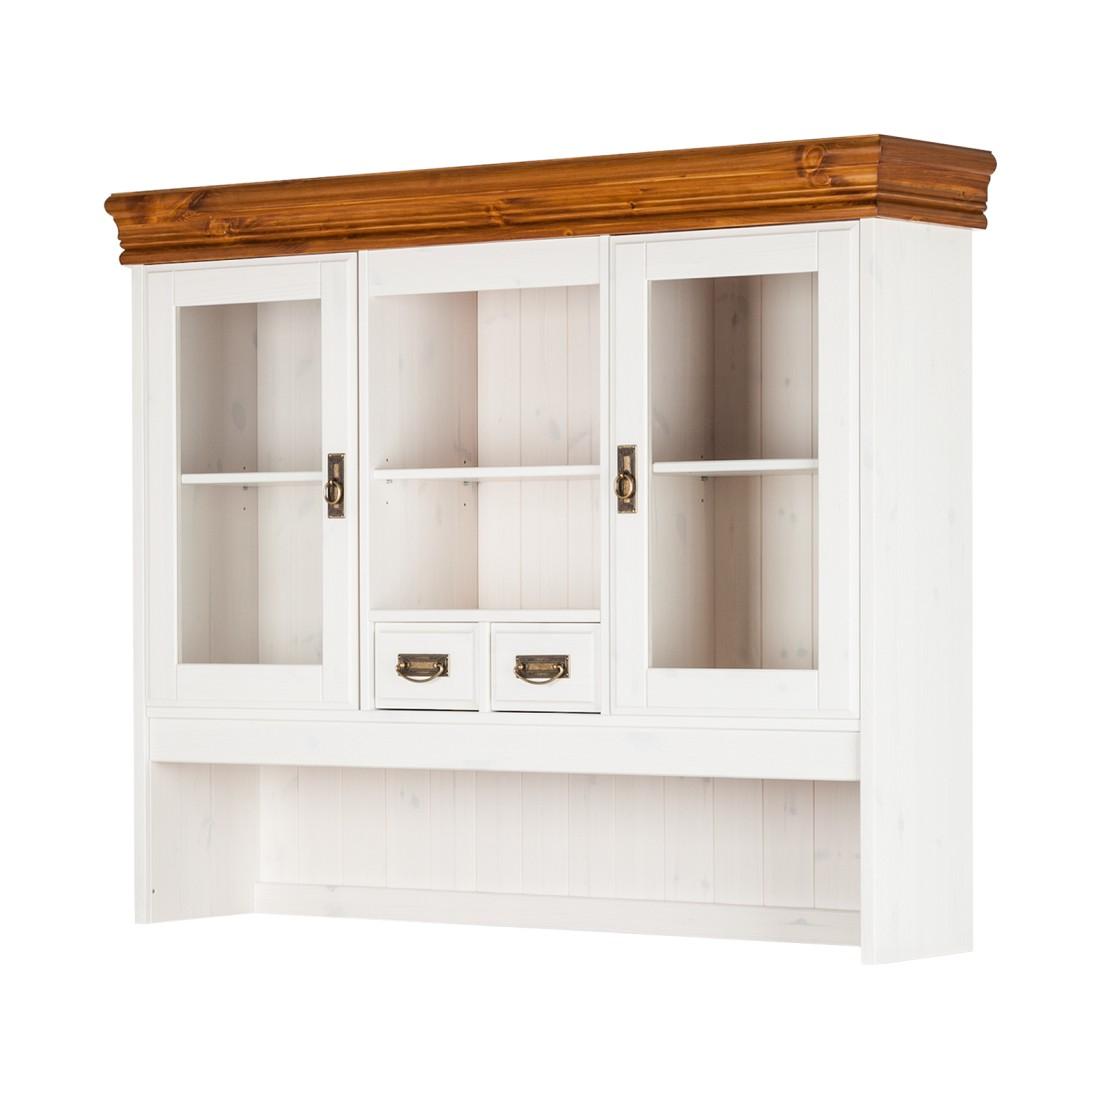 Home 24 - Élément supplémentaire formentera - pour bahut - blanc / couleur miel, maison belfort